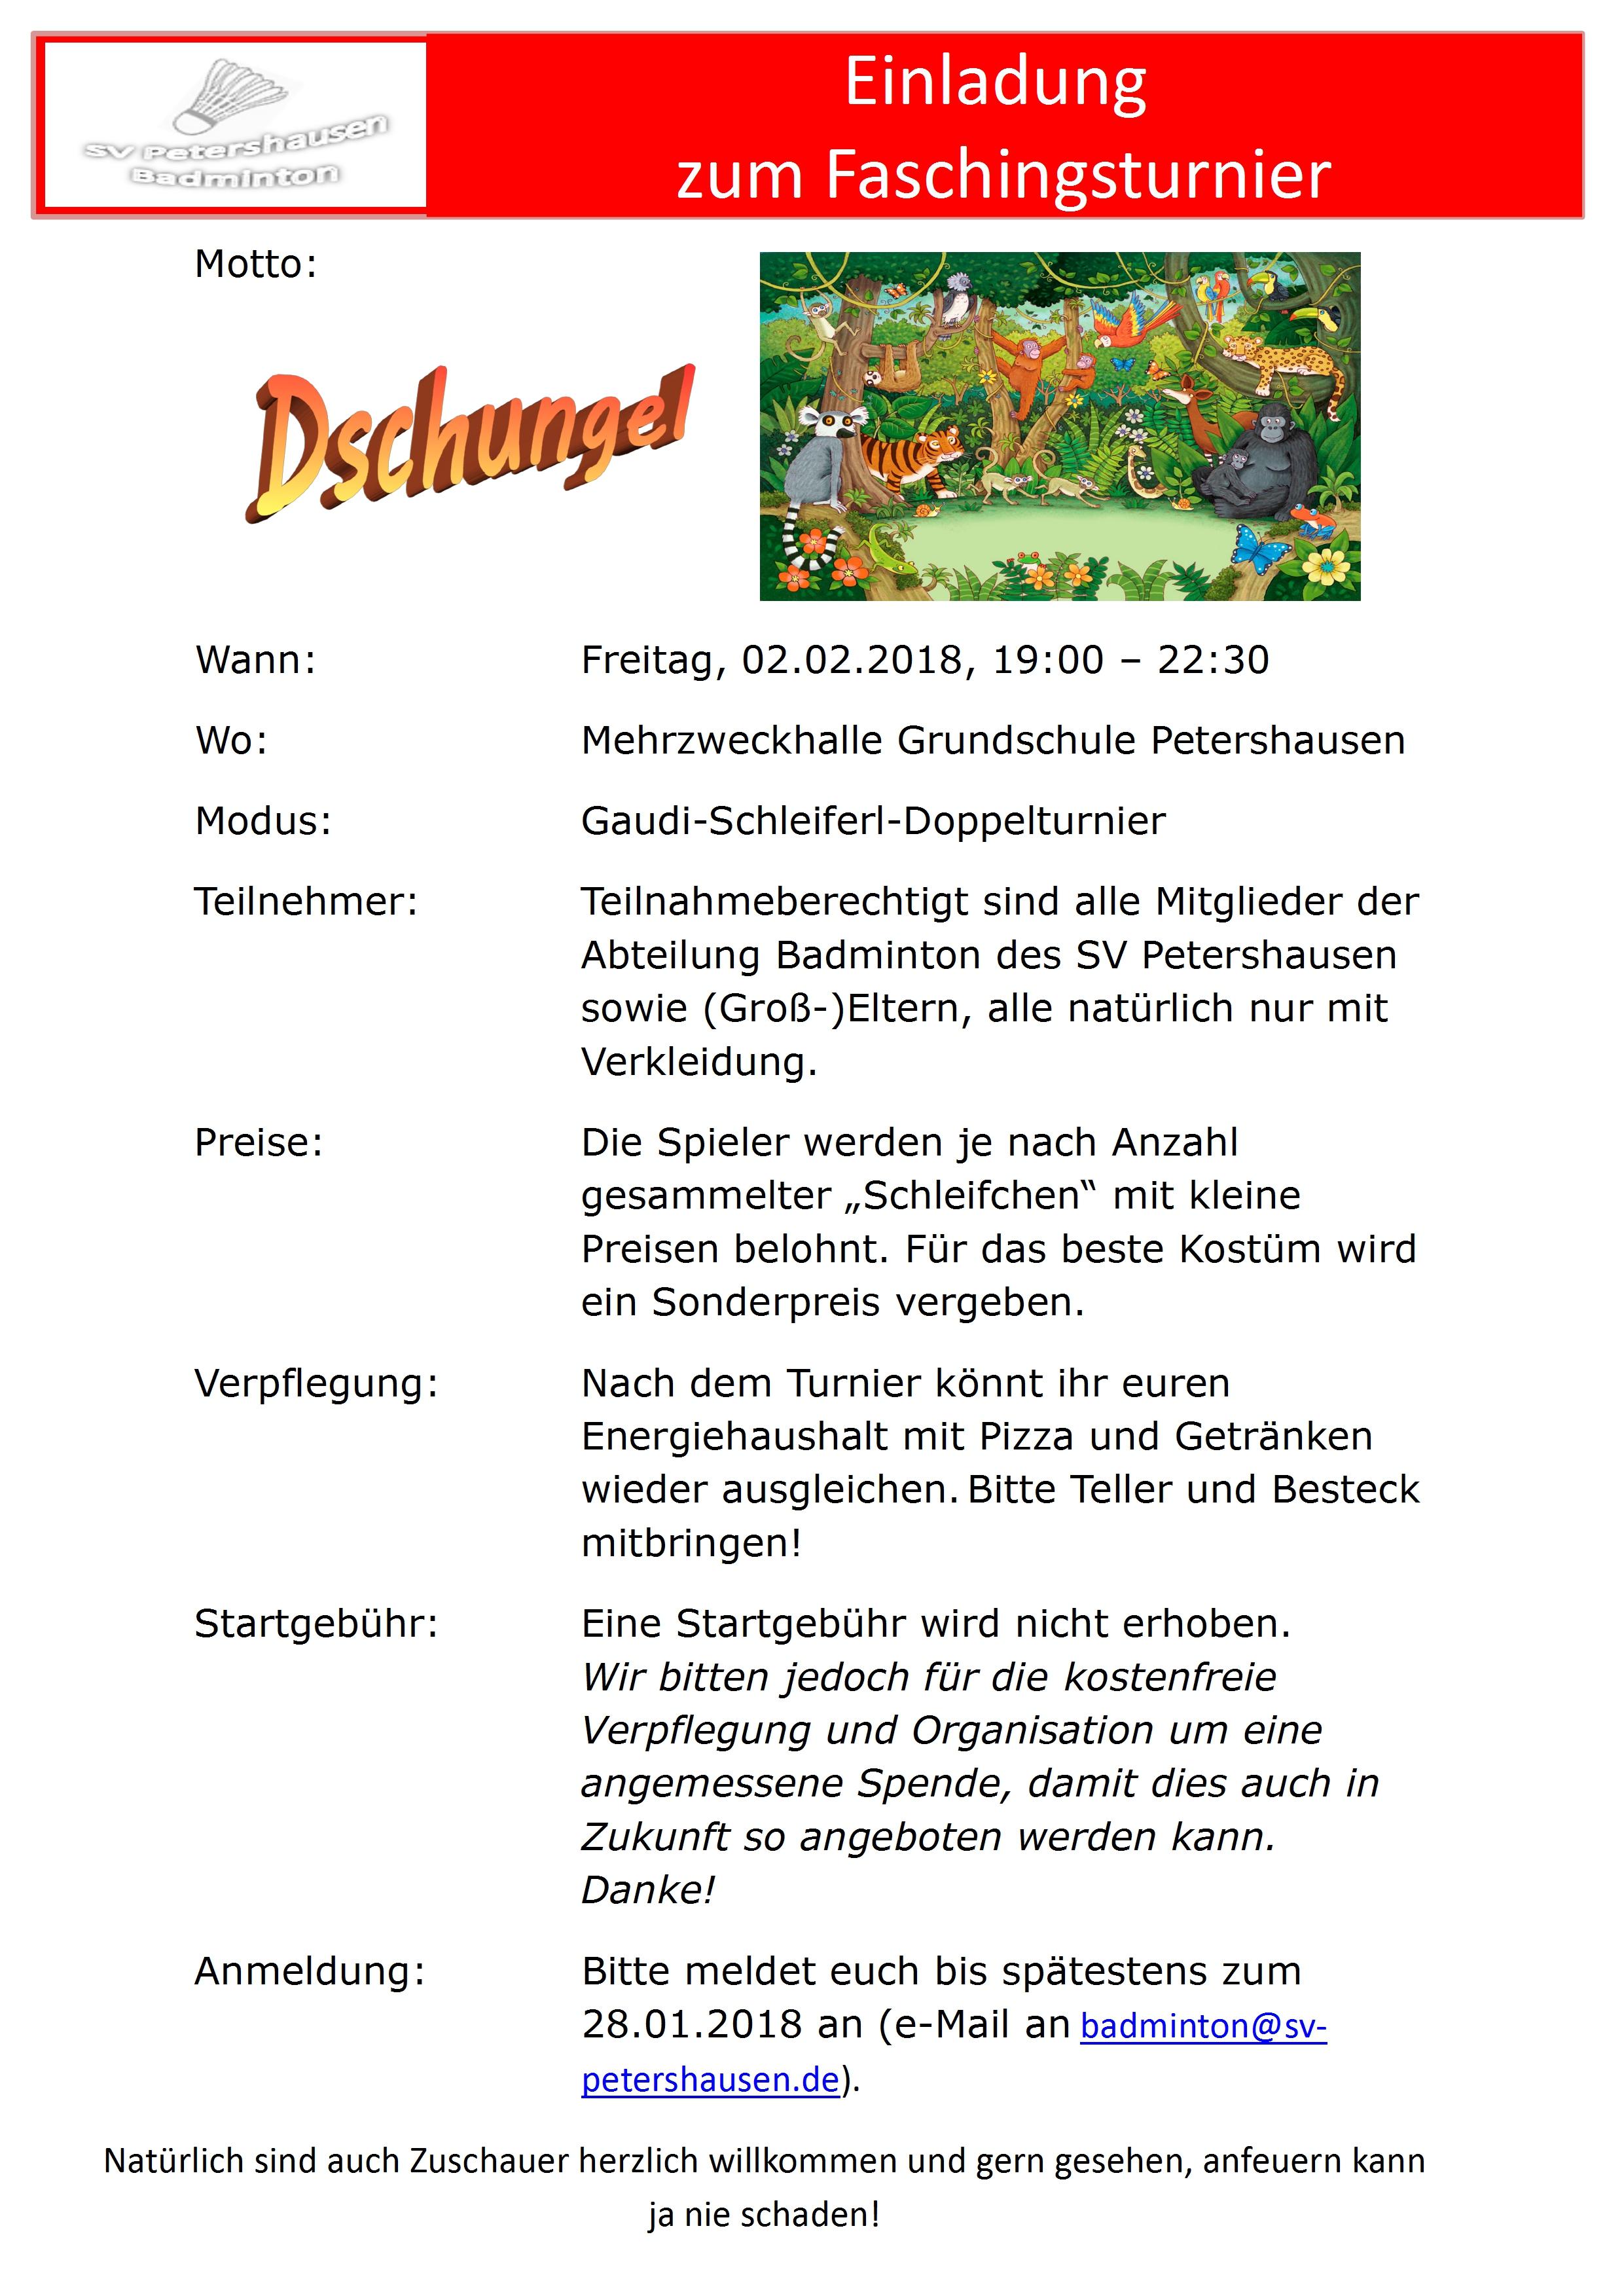 Einladung_Faschingstunier2018